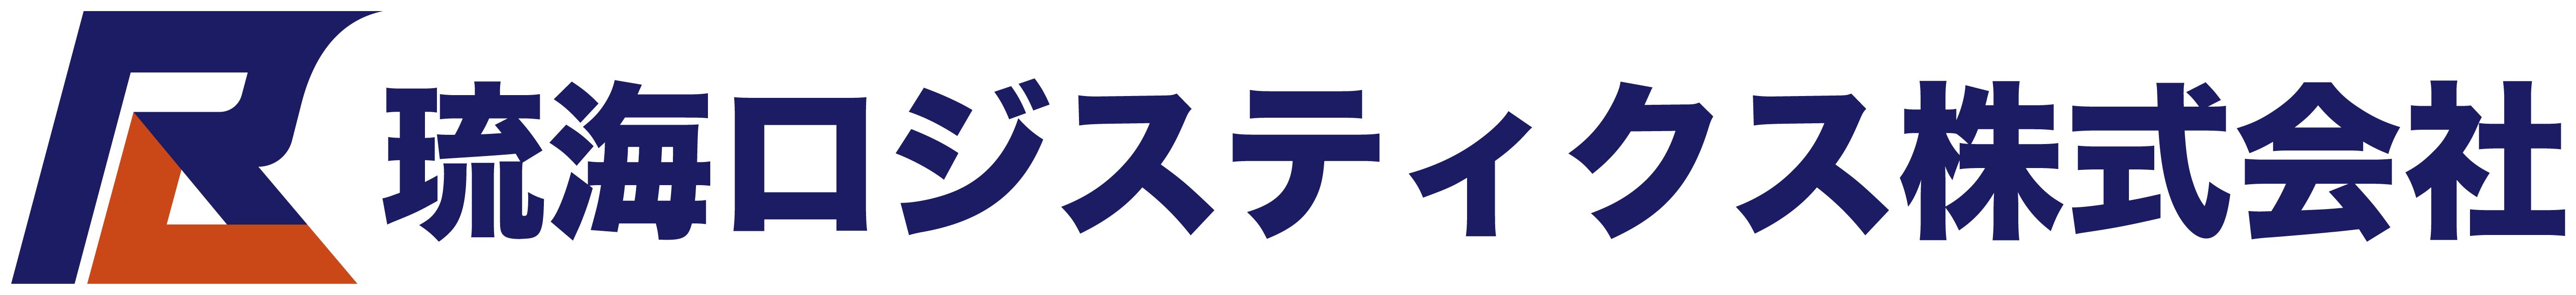 琉海ロジスティクス株式会社